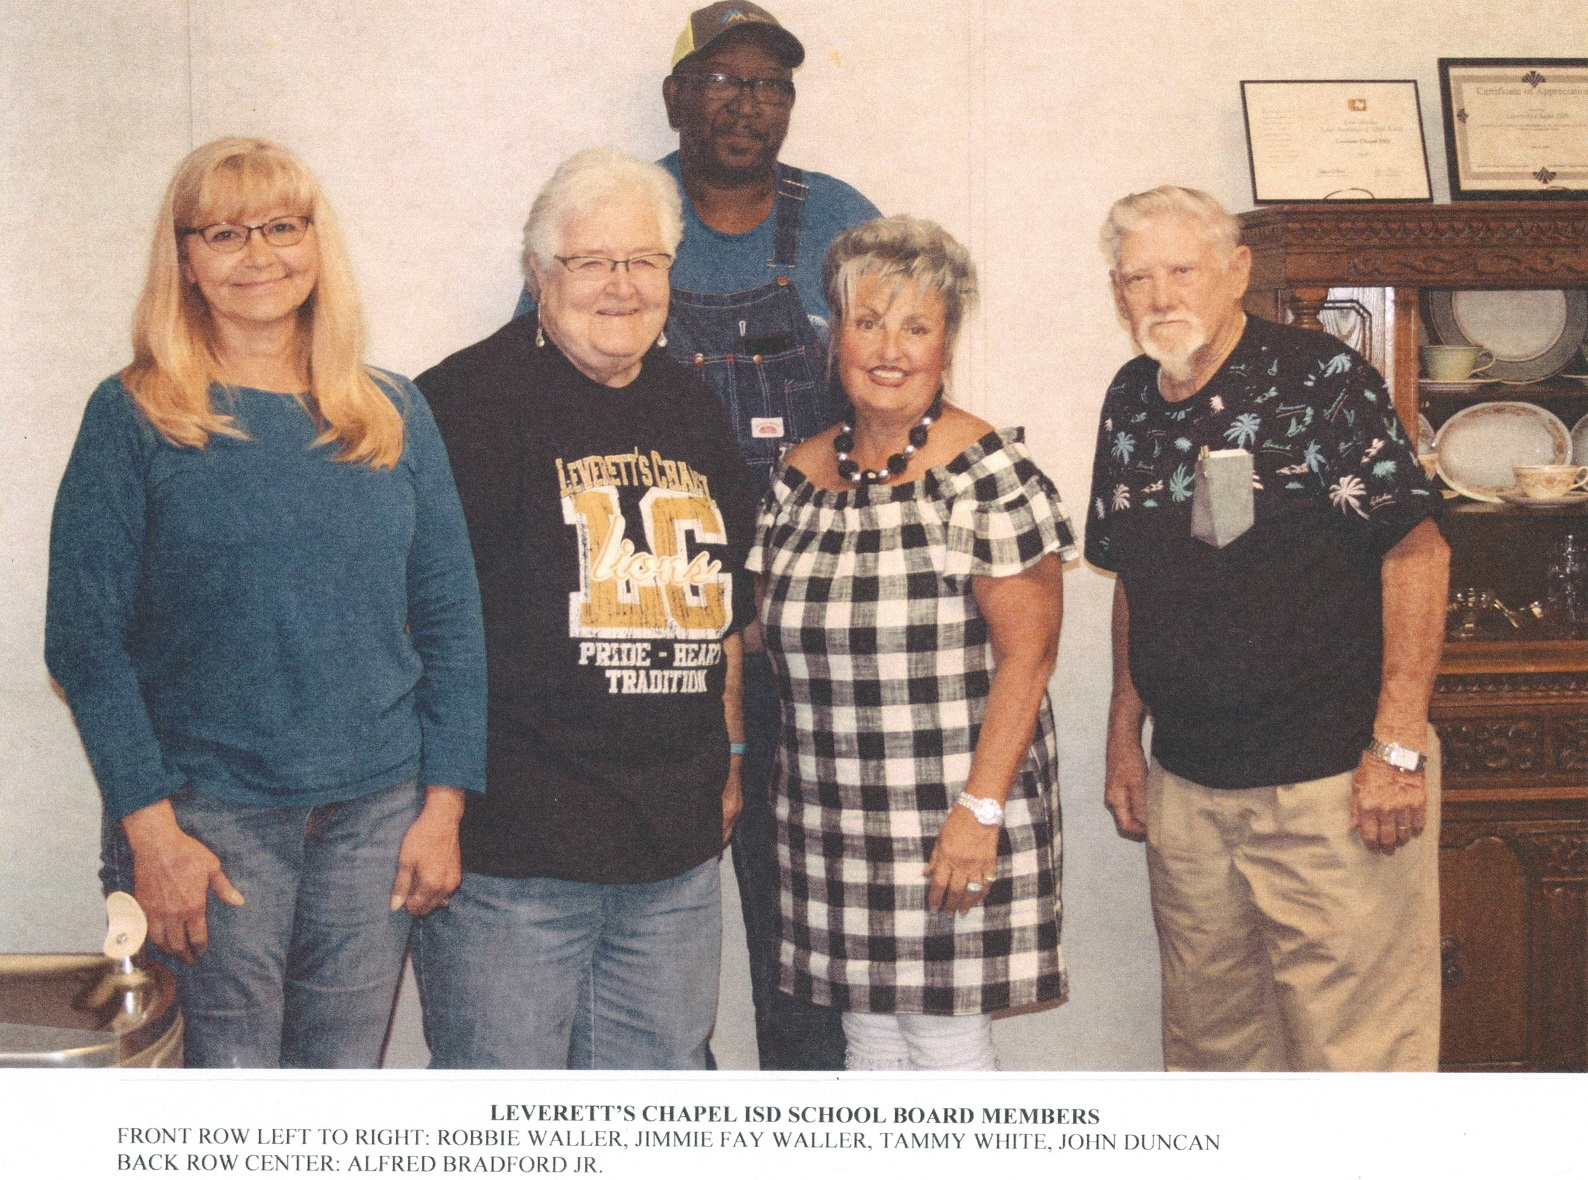 LCISD School Board Members